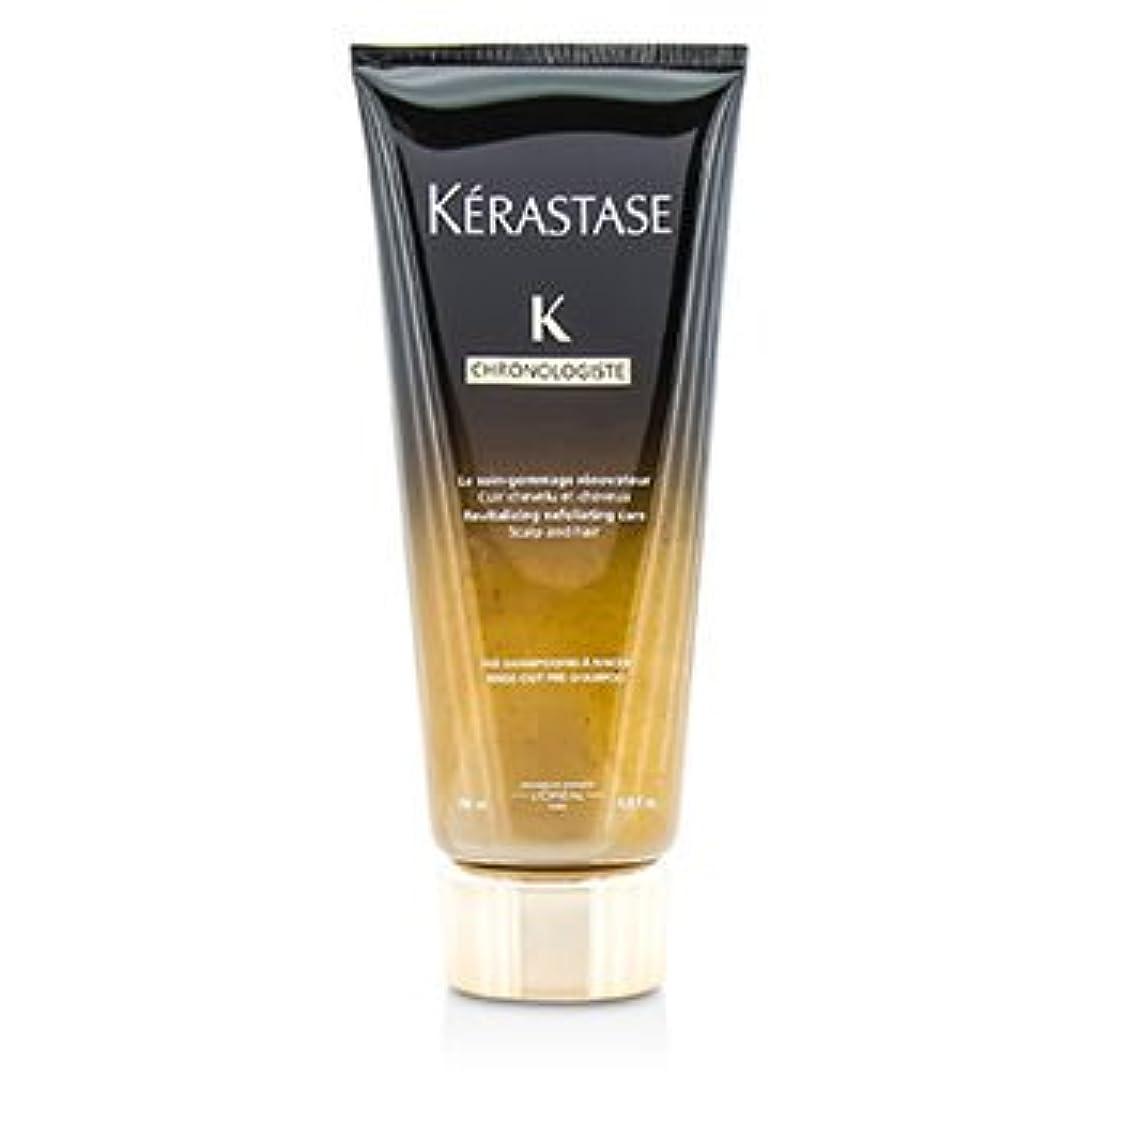 有益すき傑出した[Kerastase] Chronolgiste Revitalizing Exfoliating Care - Scalp and Hair (Rinse-Out Pre-Shampoo) 200ml/6.8oz